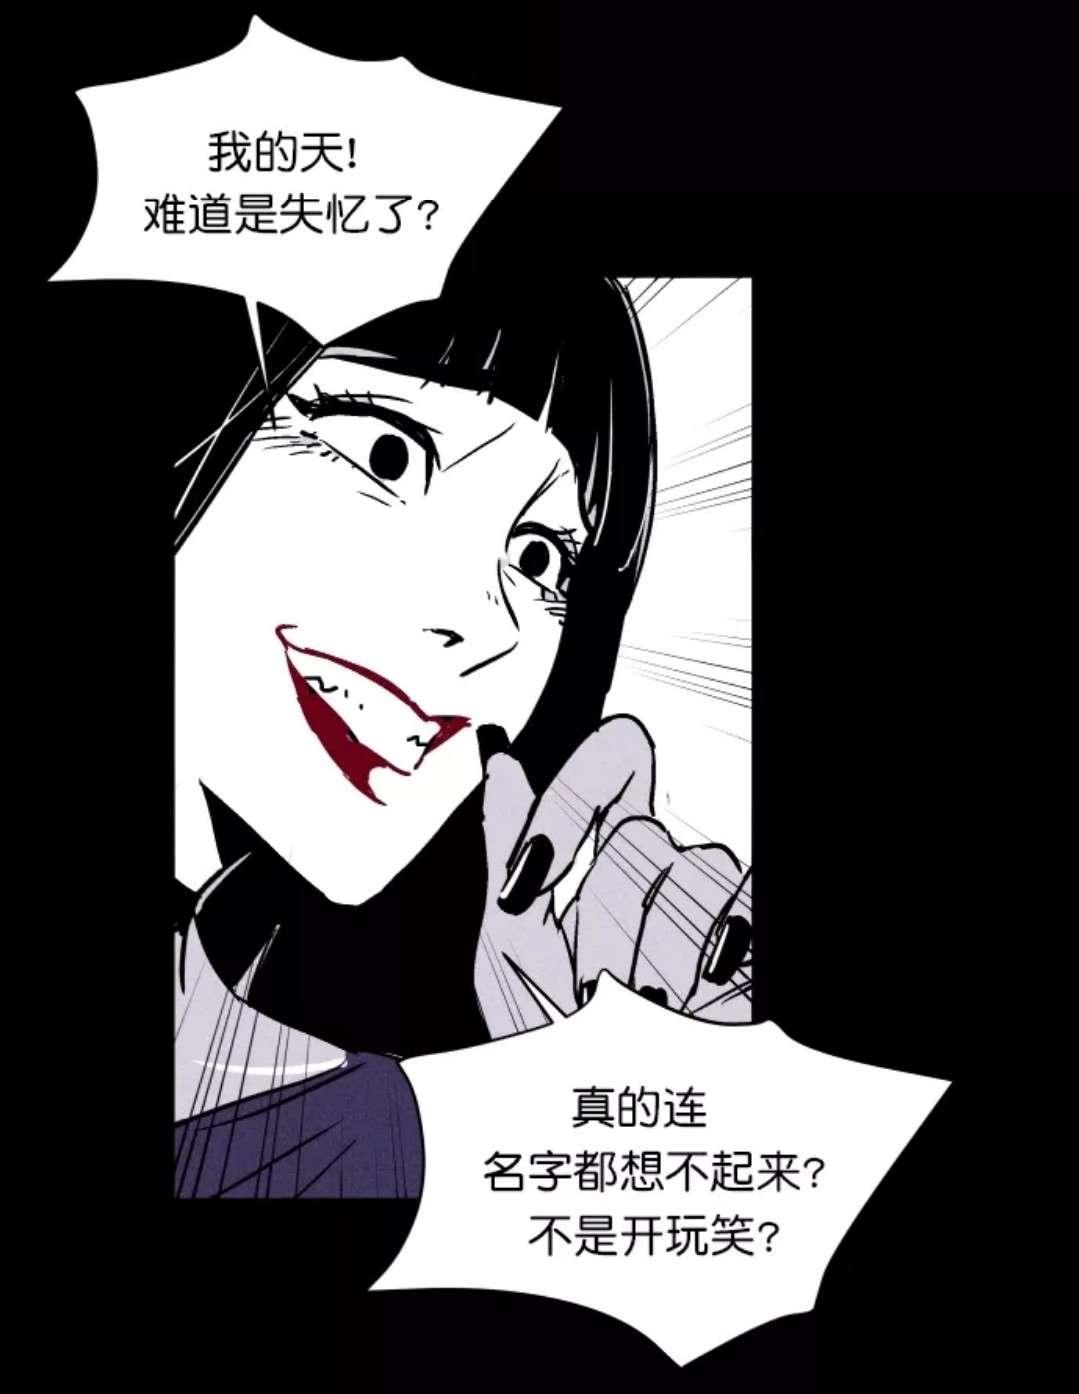 【漫画】猪窝,cos 在线观看